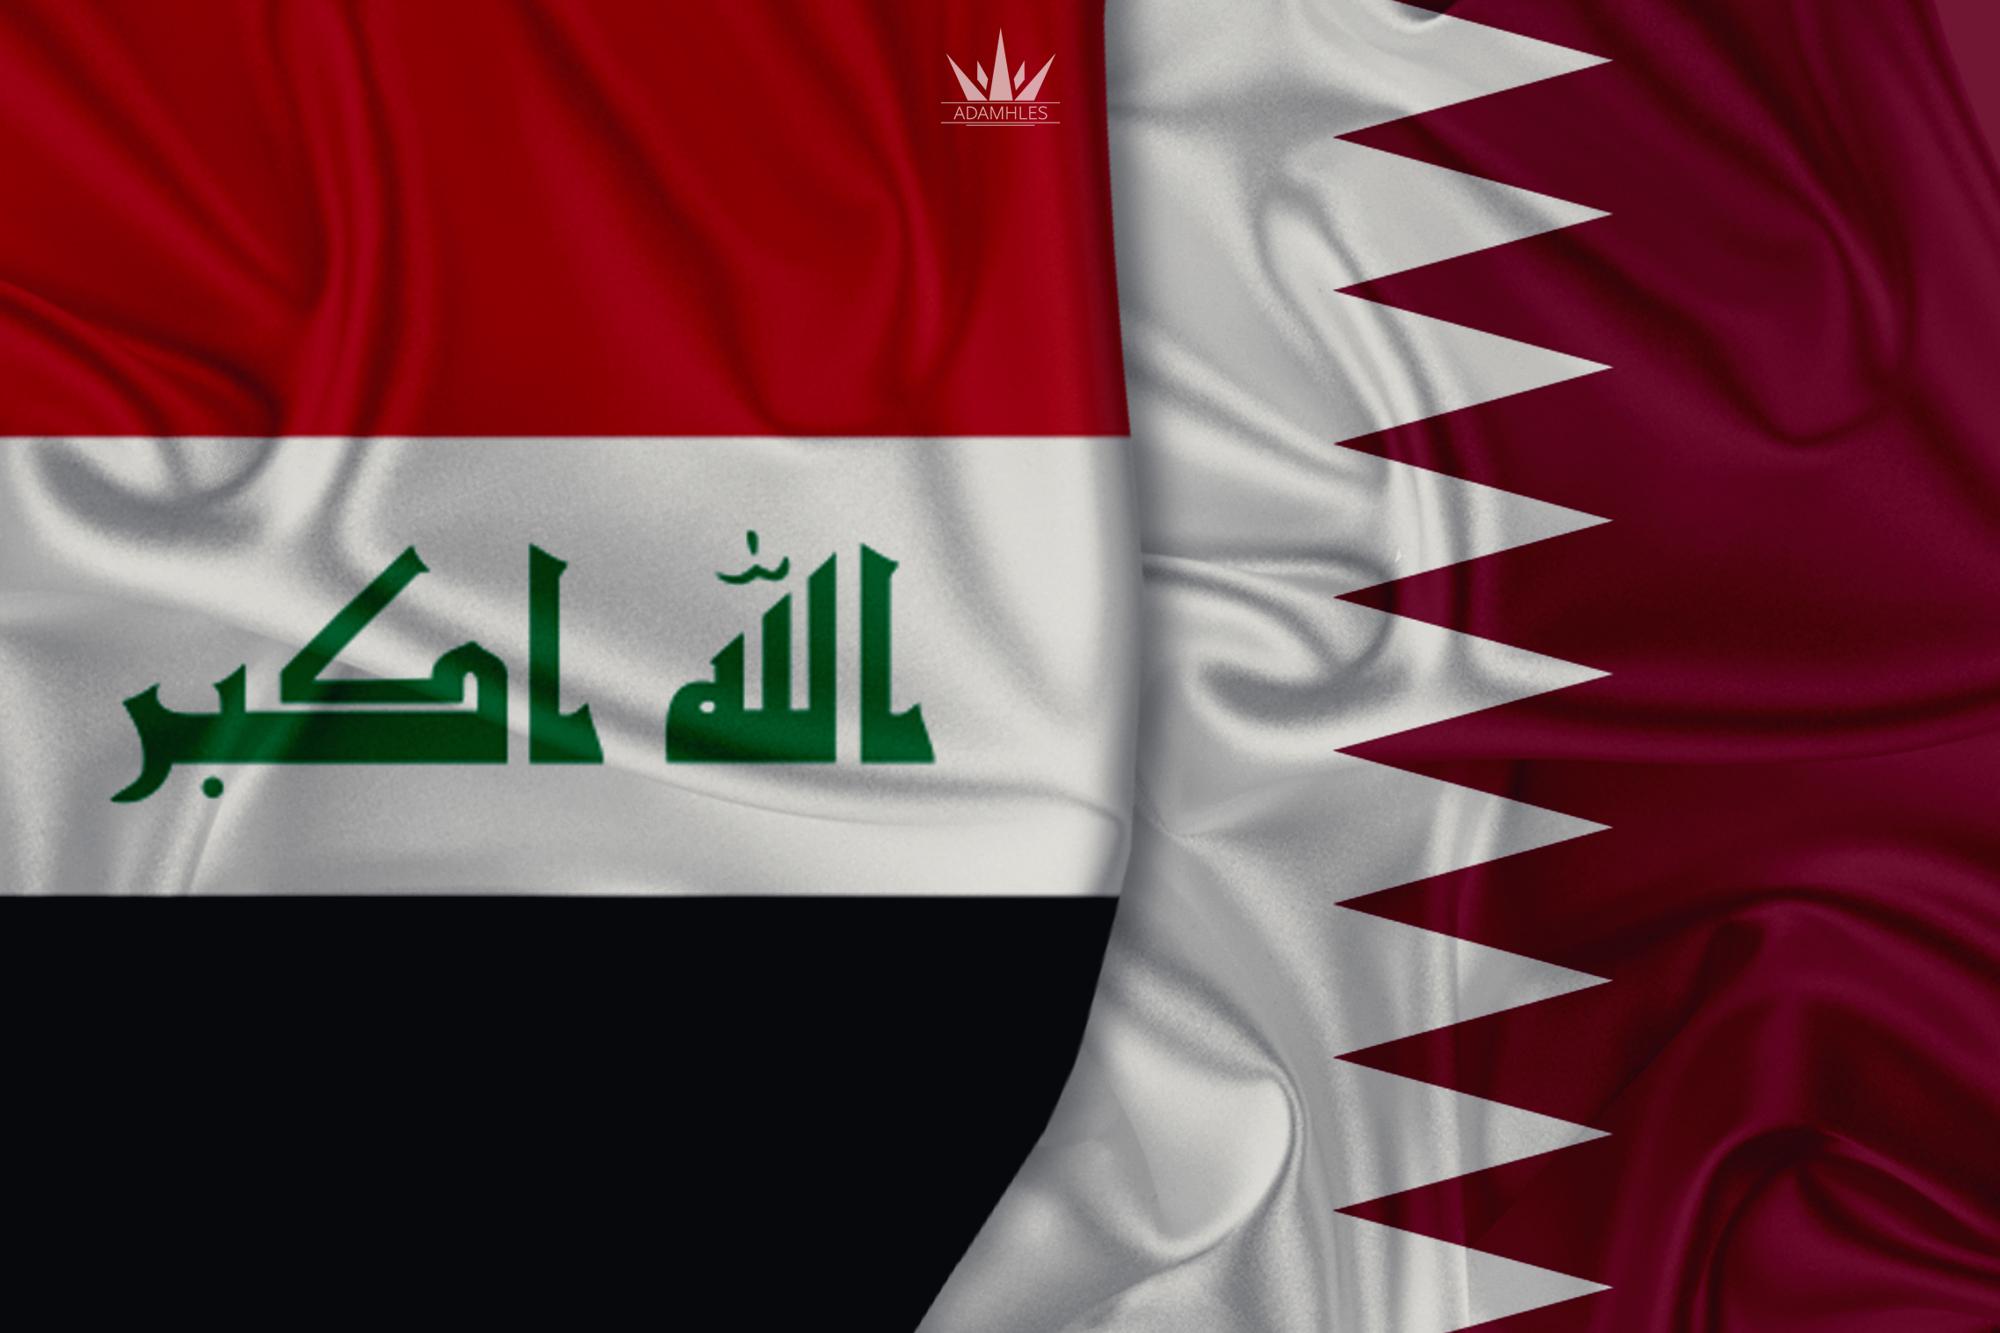 خلفية علم العراق وقطر اجمل خلفيات العلم العراقي والعلم القطري Iraq and Qatar